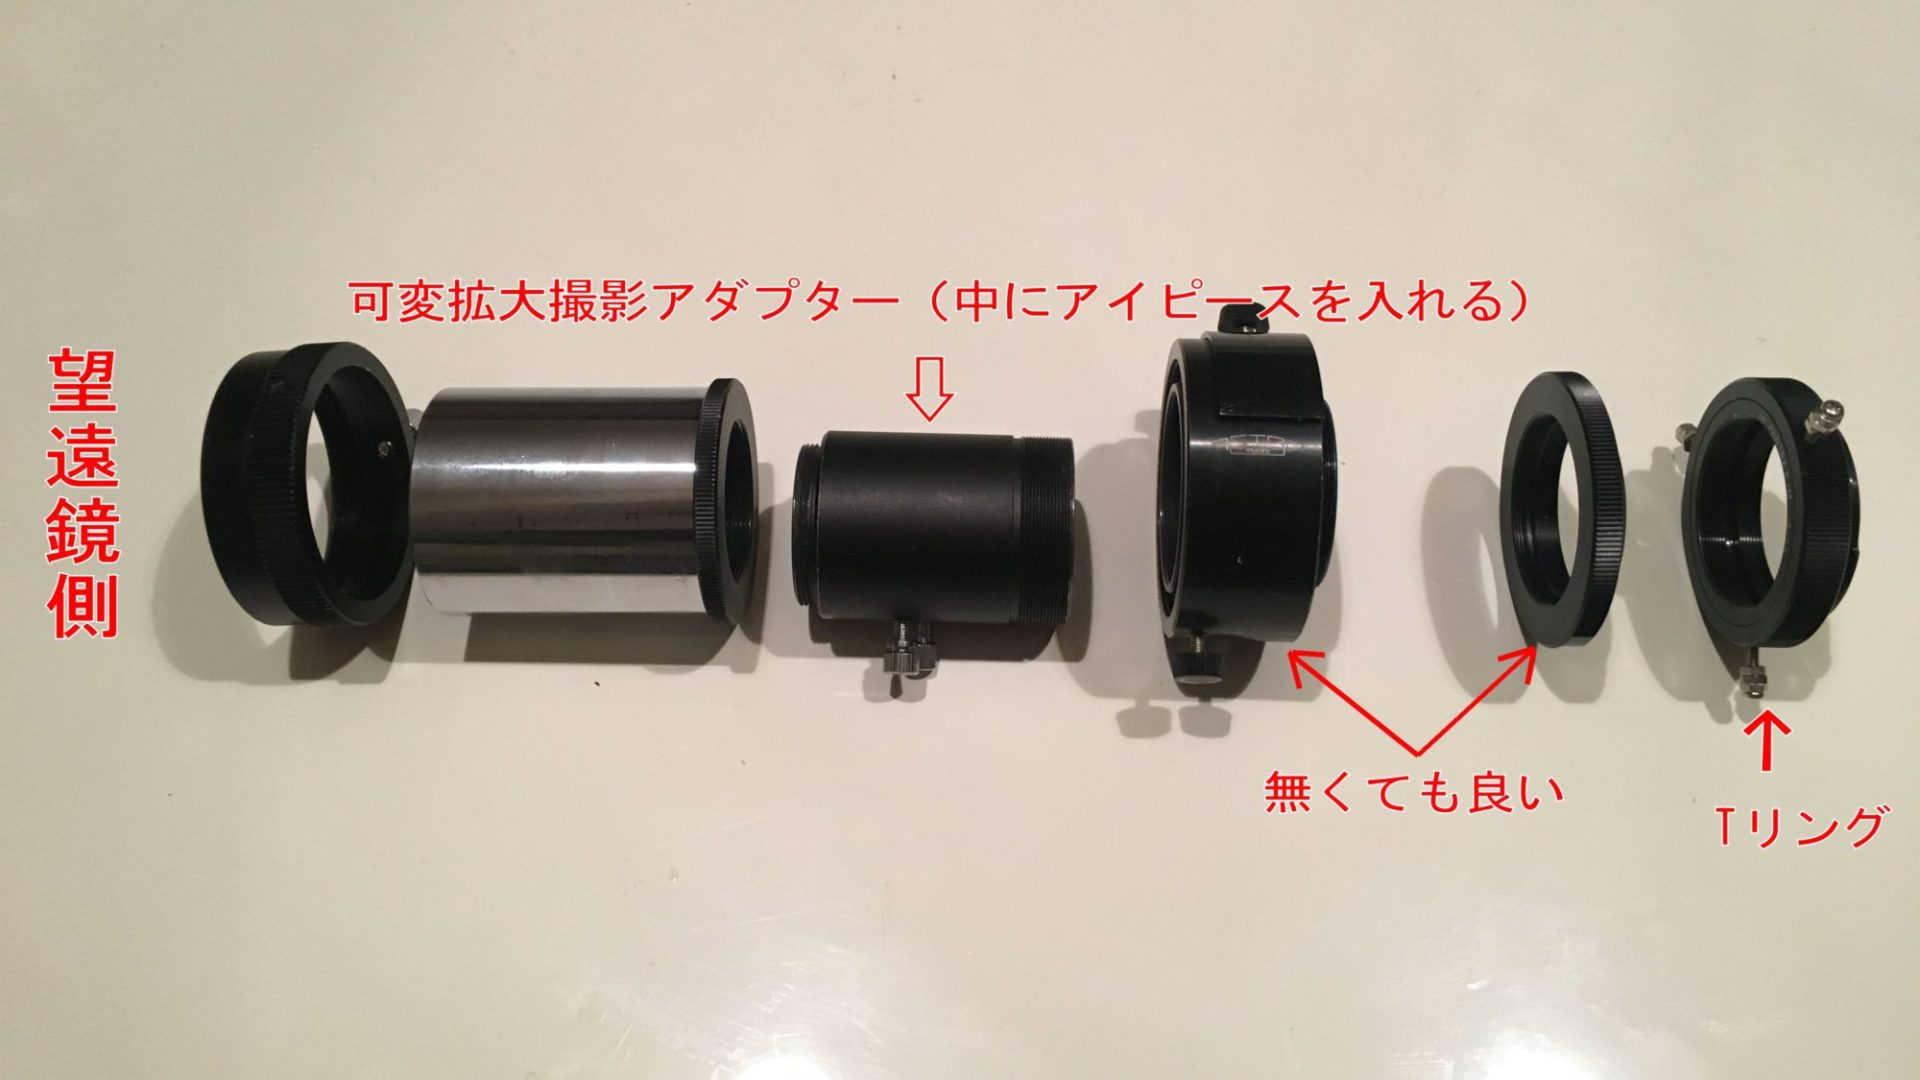 惑星を拡大撮影する時に望遠鏡と一眼カメラを取り付ける可変拡大撮影アダプター一式です。左側が望遠鏡側で右がカメラ側です。